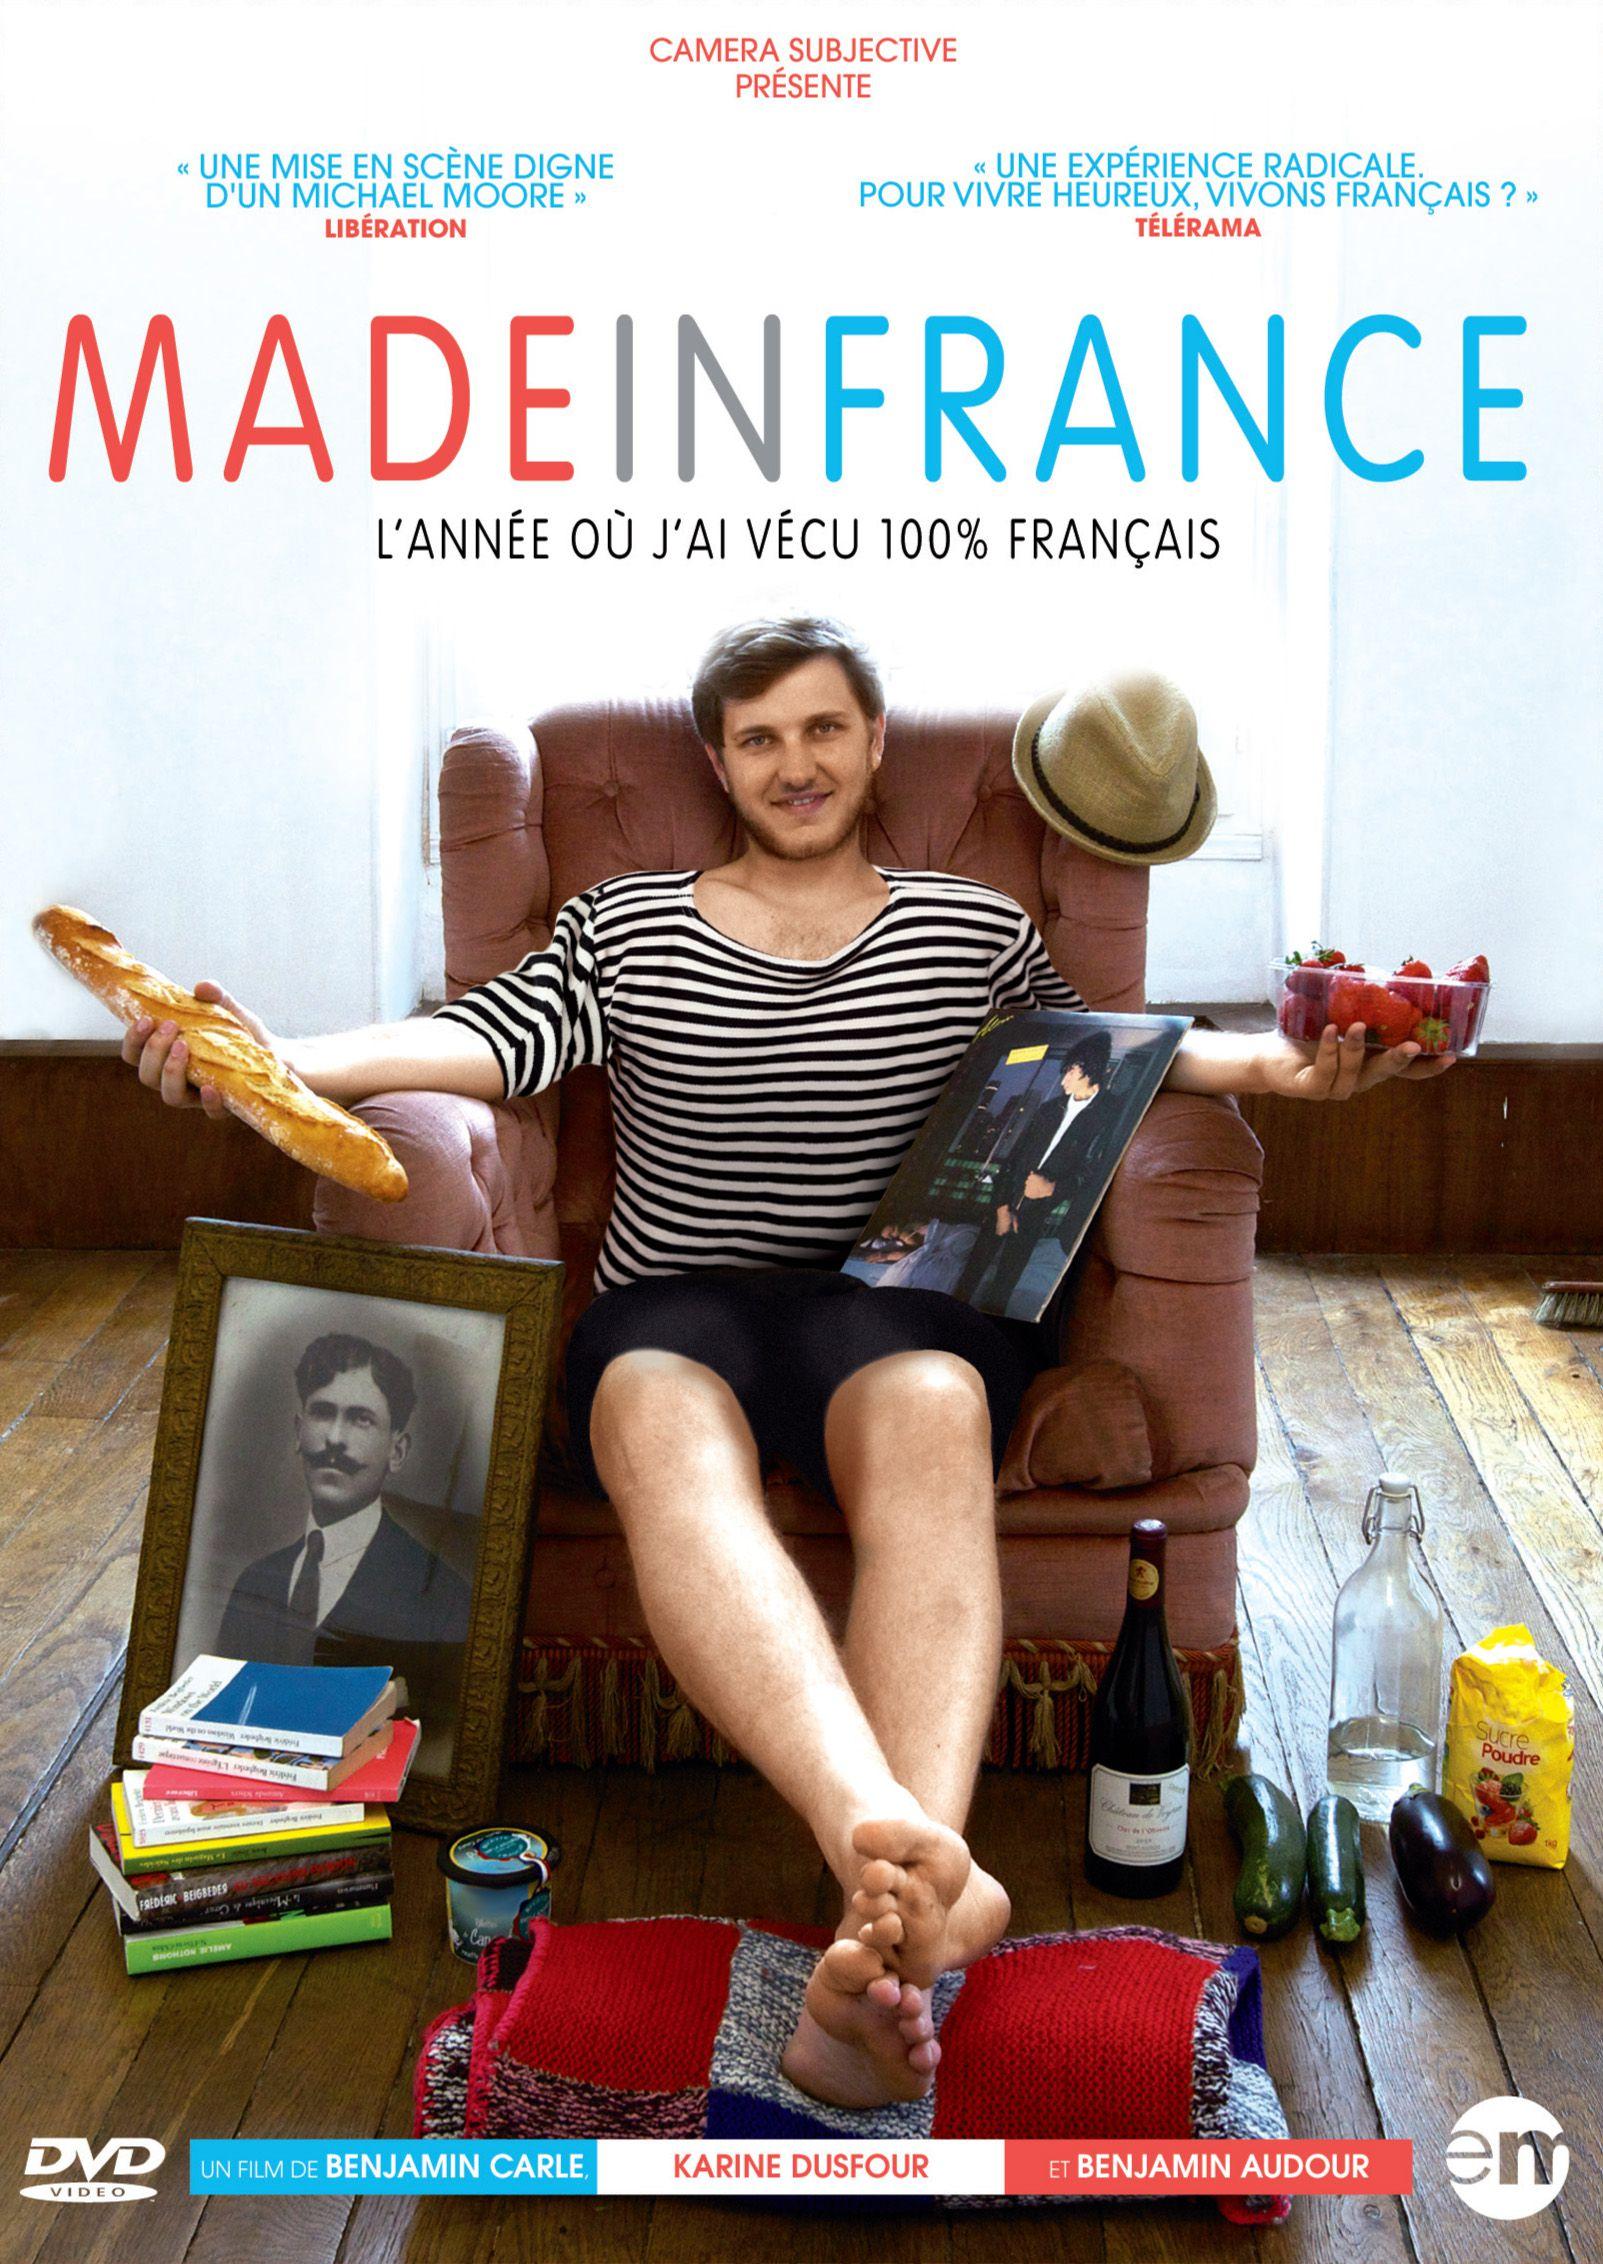 Made in France - L'année où j'ai vécu 100% français